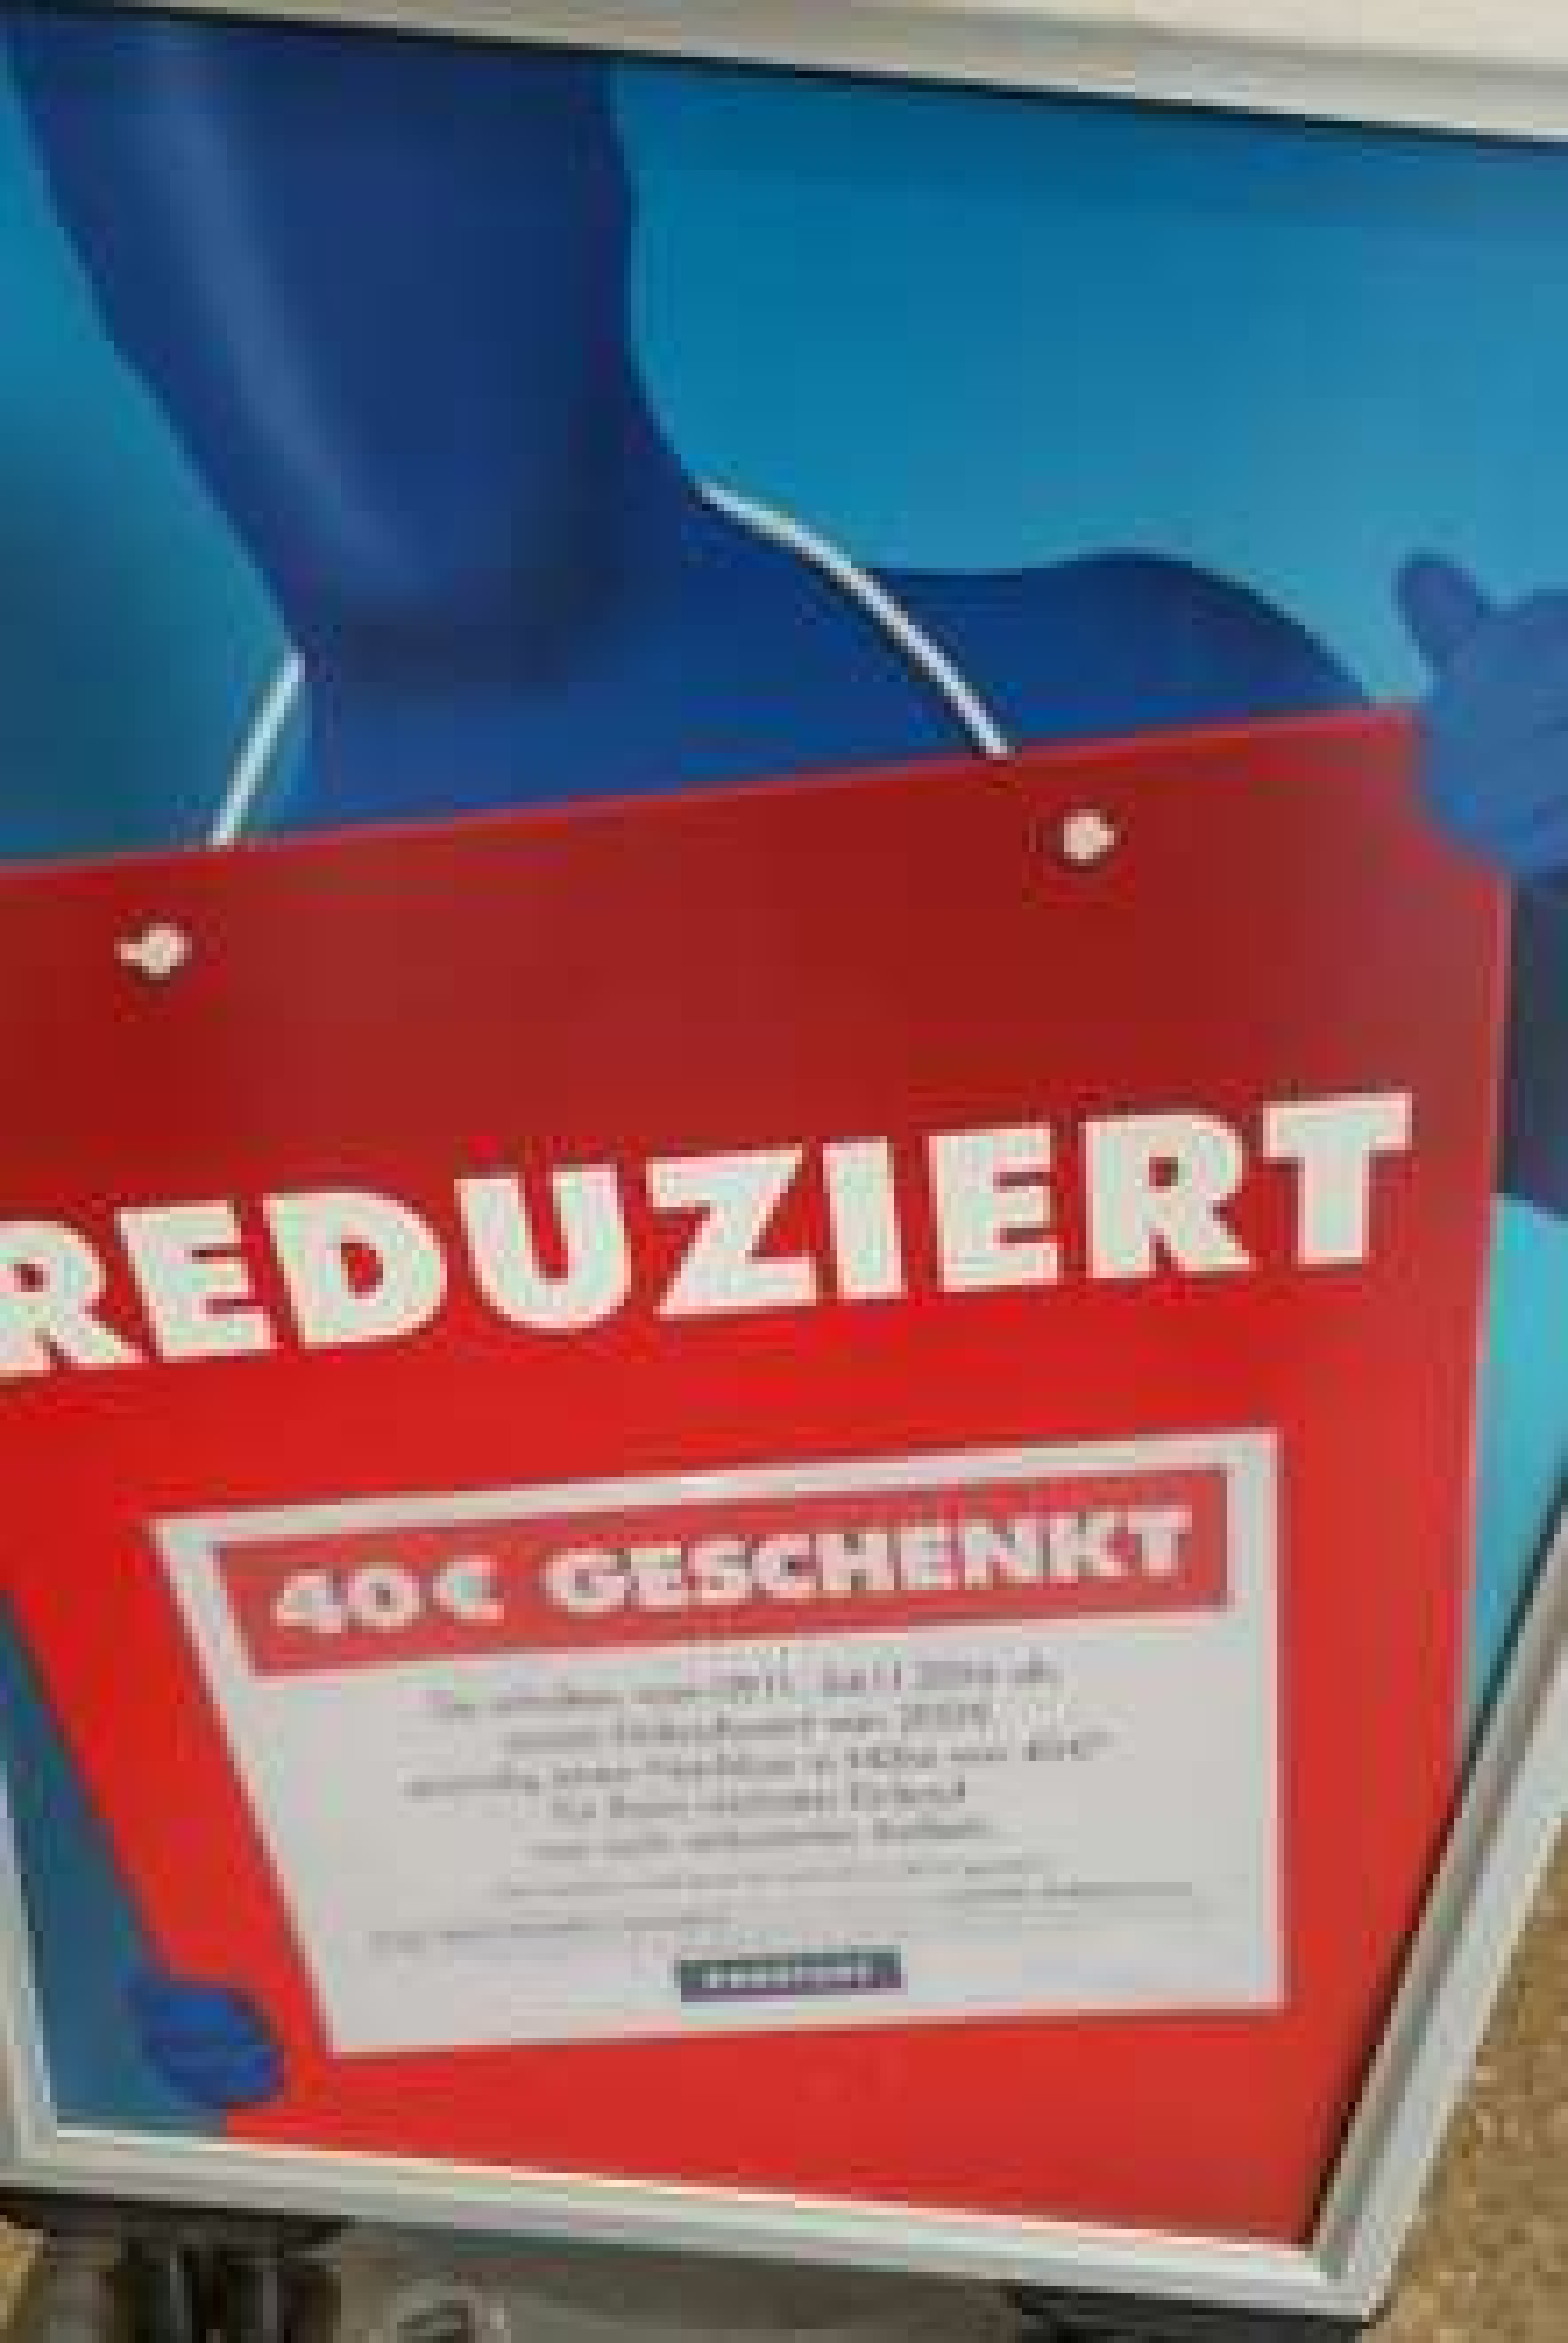 [Karstadt] 200 € einkaufen -> 40 € Gutschein bekommen (lokal/bundesweit?)